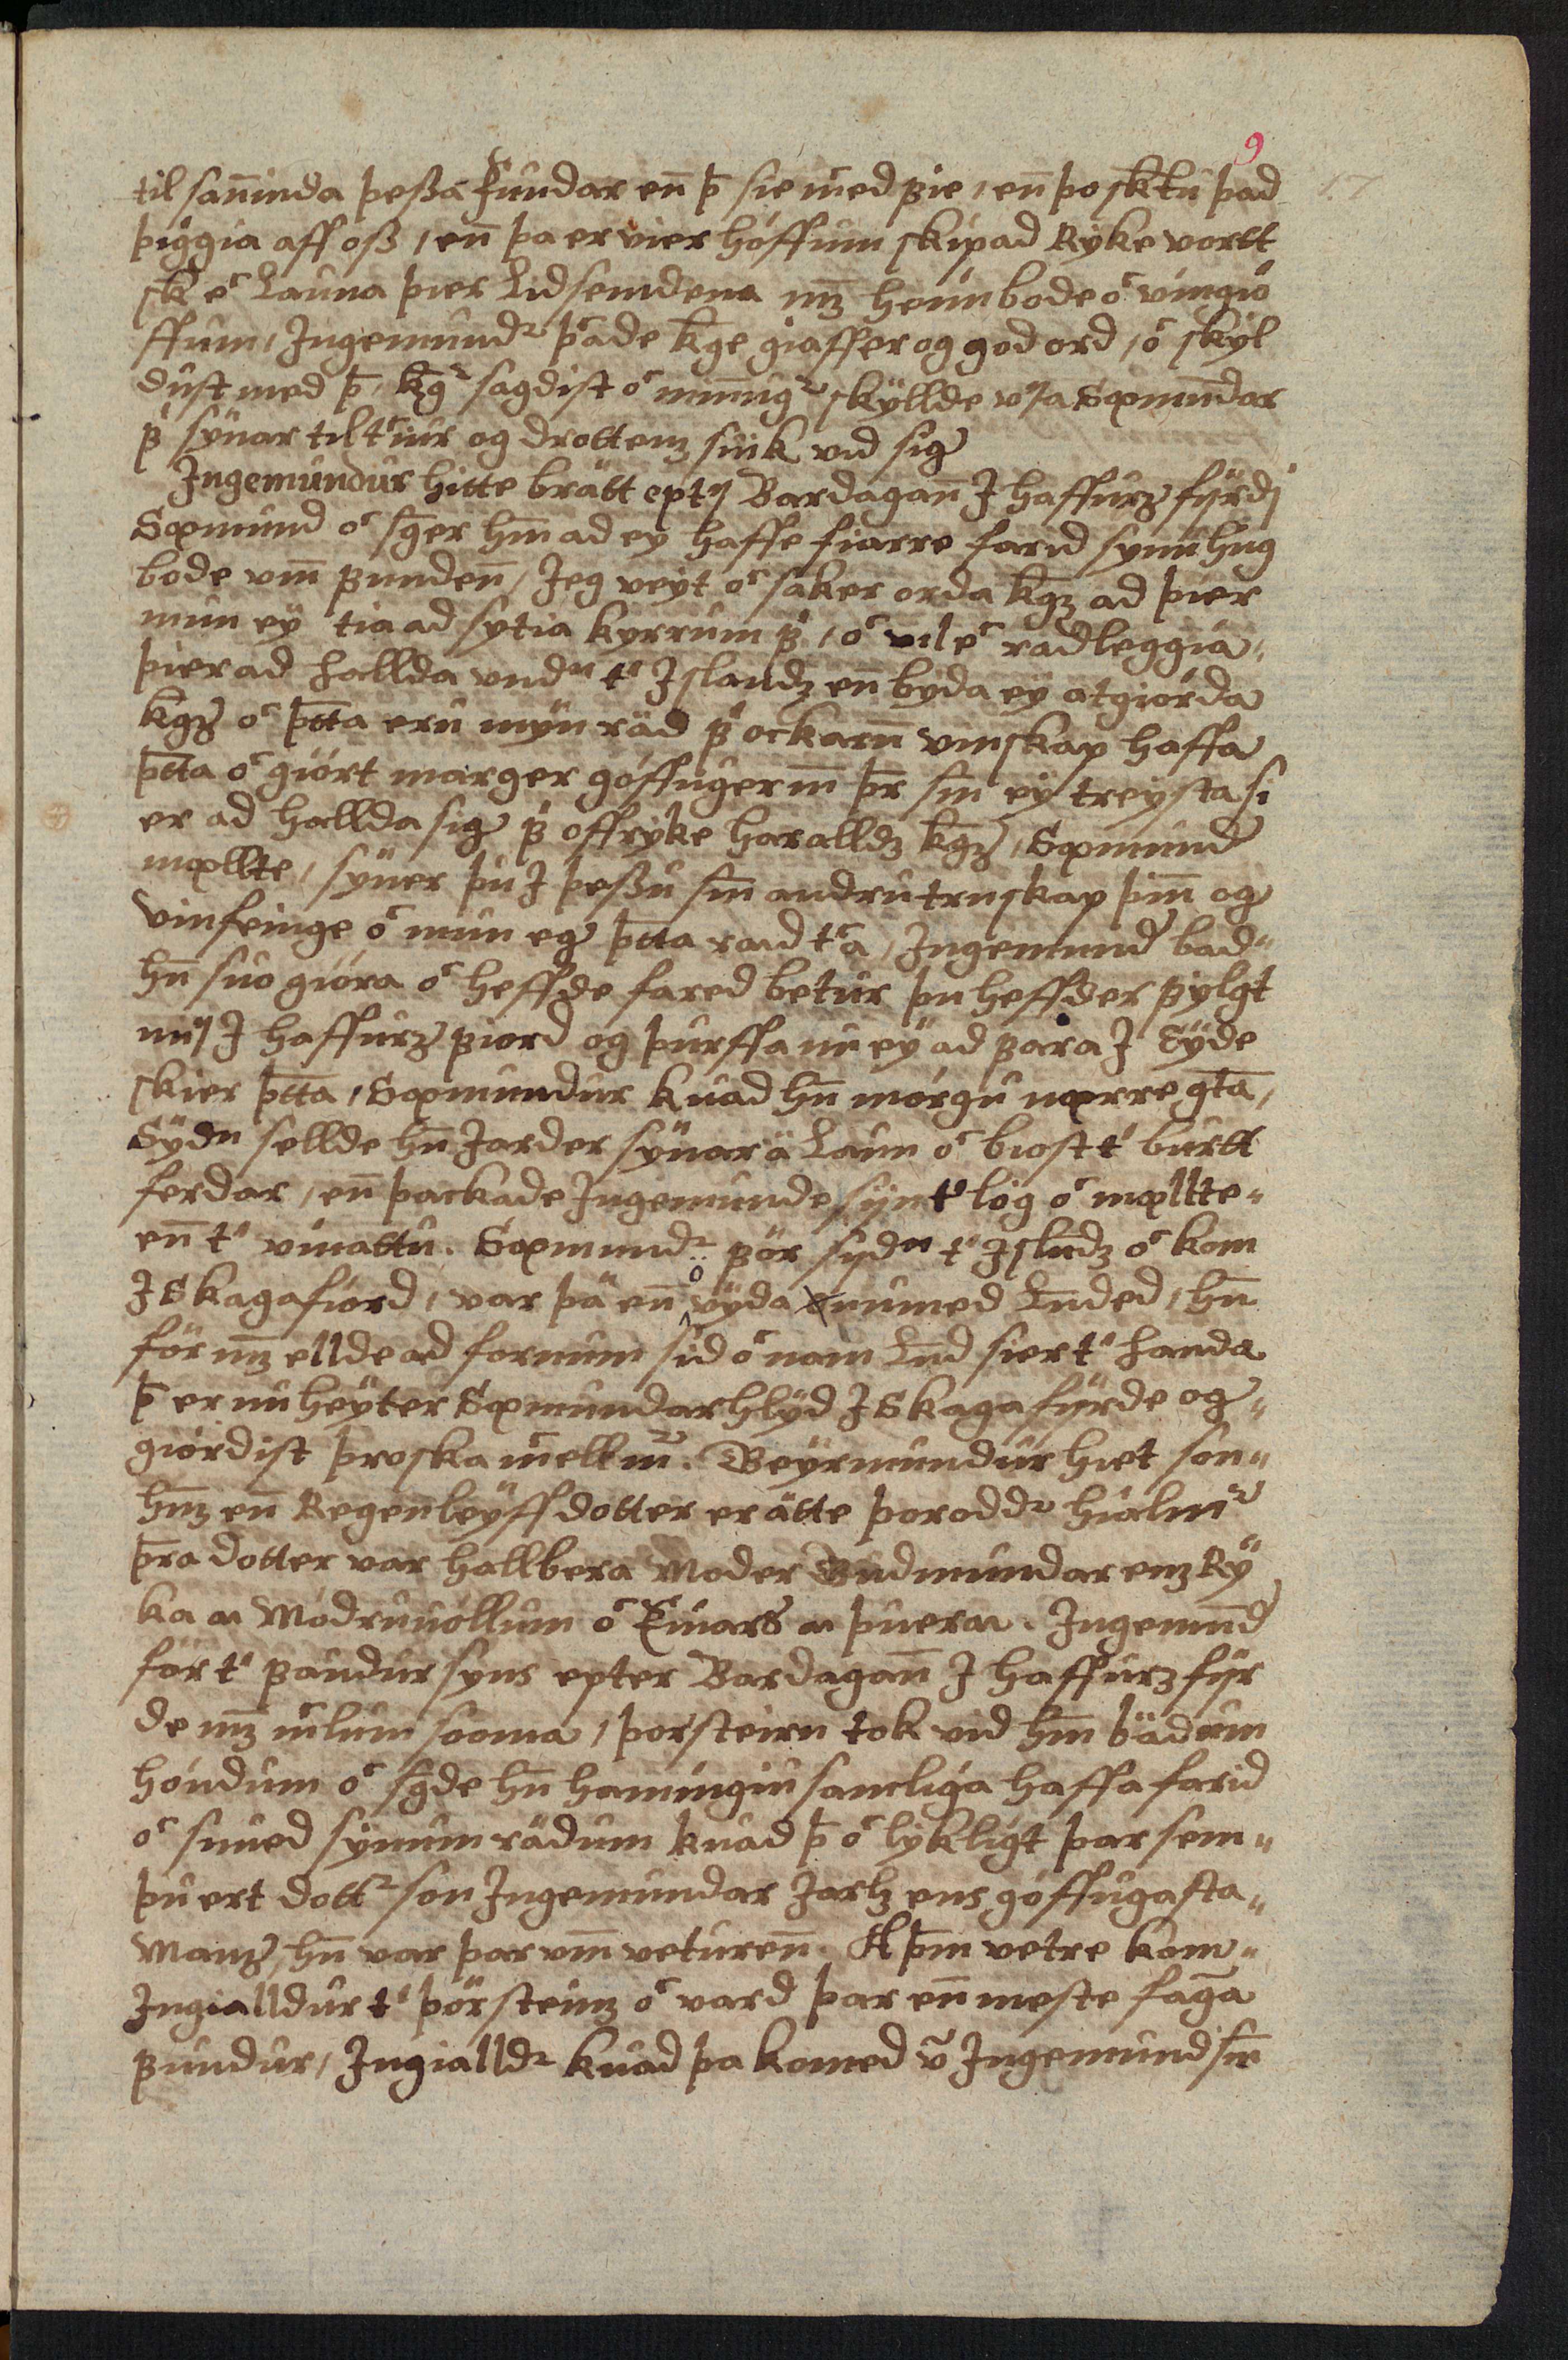 AM 138 fol - 9r